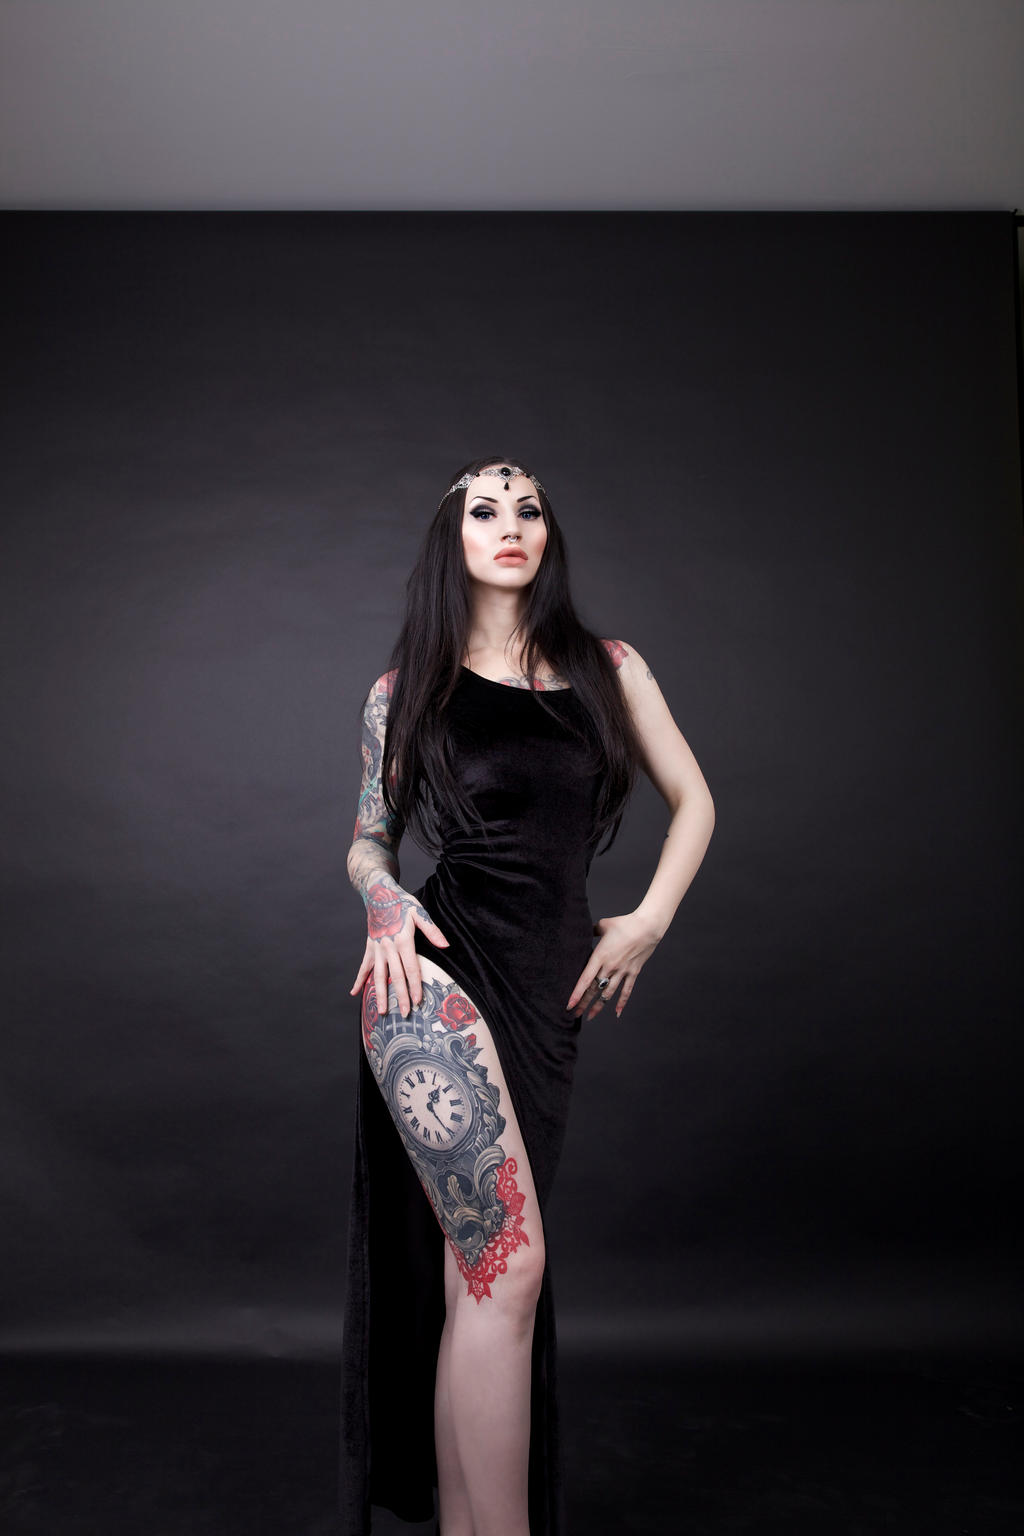 Eleine Gothic Model Stockphoto By MissEleine On DeviantArt